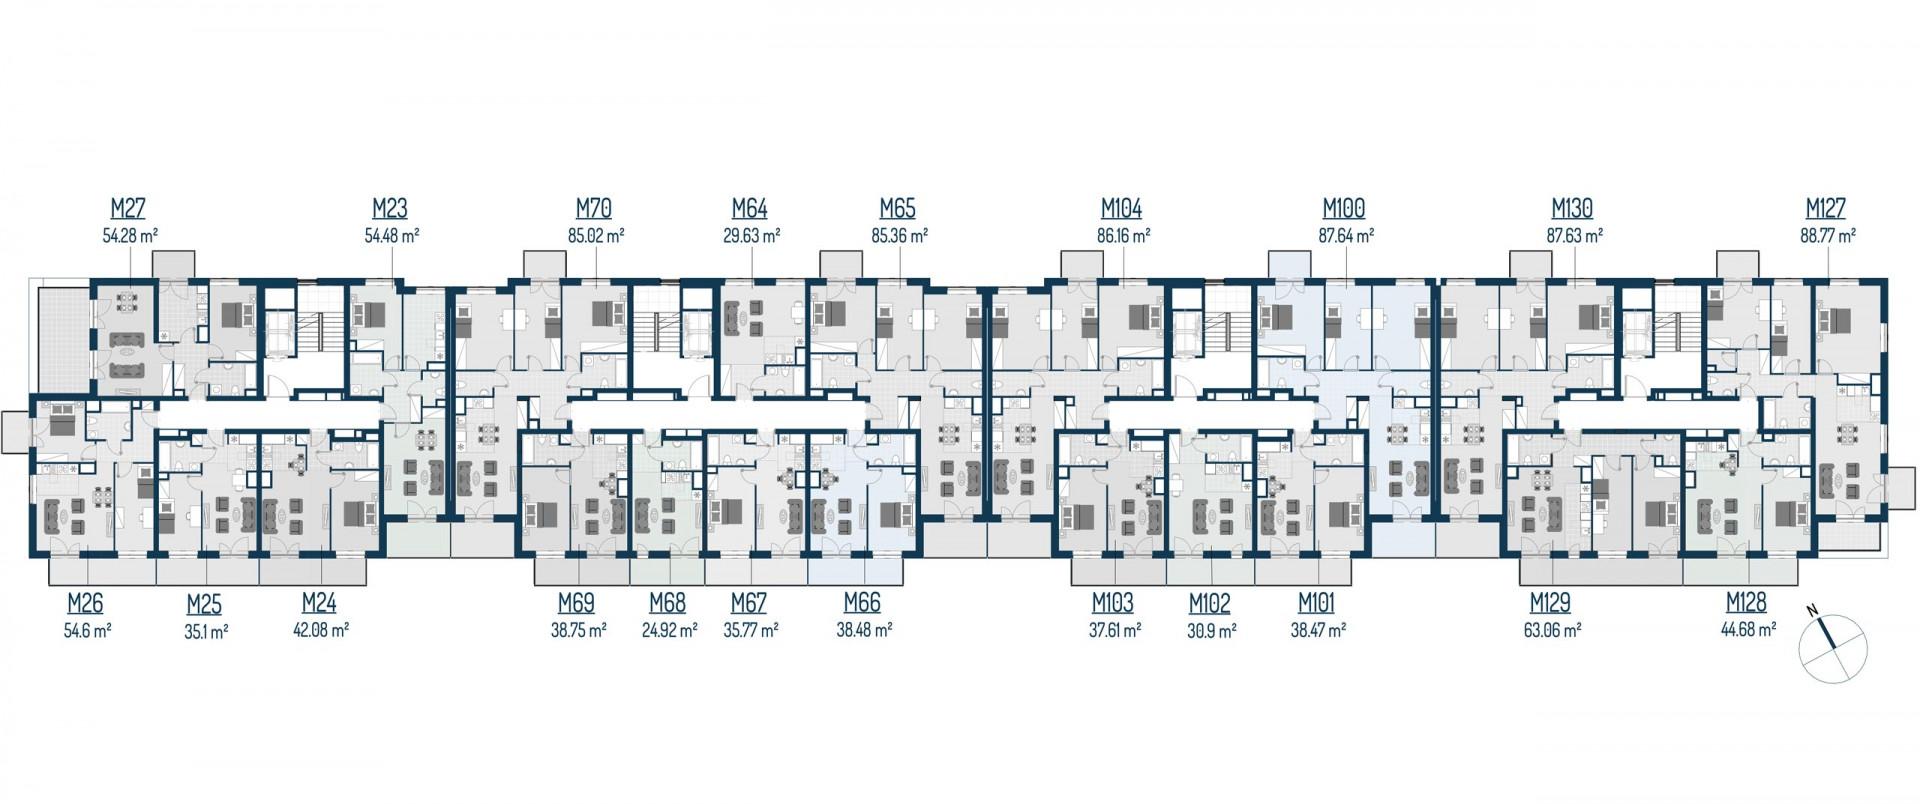 Zdrowe Stylove / budynek 2 / mieszkanie nr 130 rzut 2